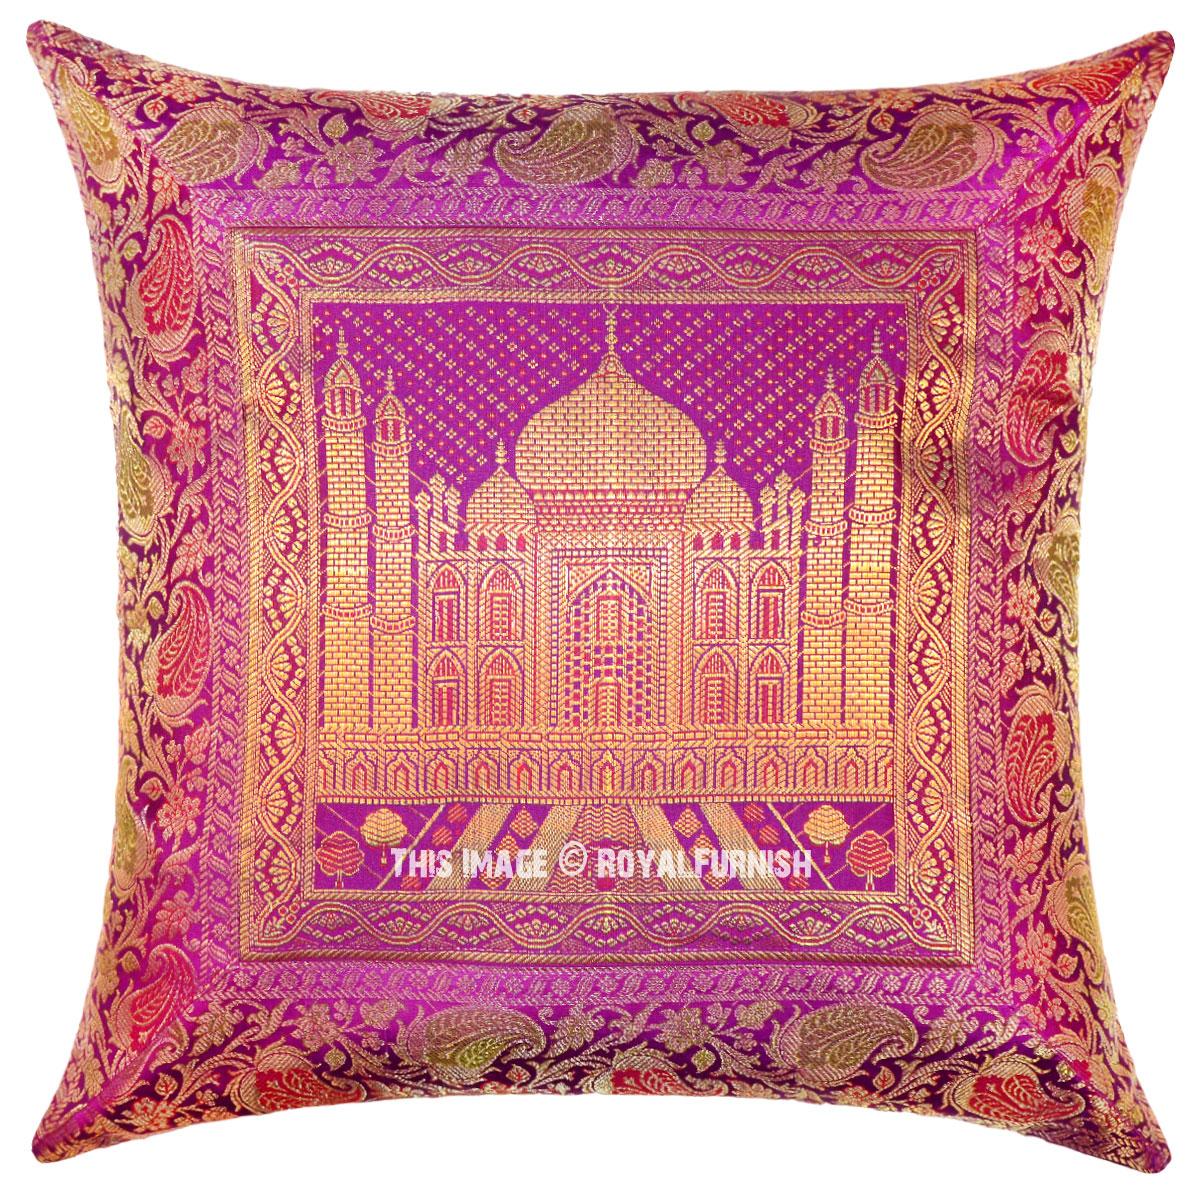 Silk Decorative Pillow Covers : Pink Indian Tajmahal Decorative & Accent Silk Brocade Pillow Cover - RoyalFurnish.com